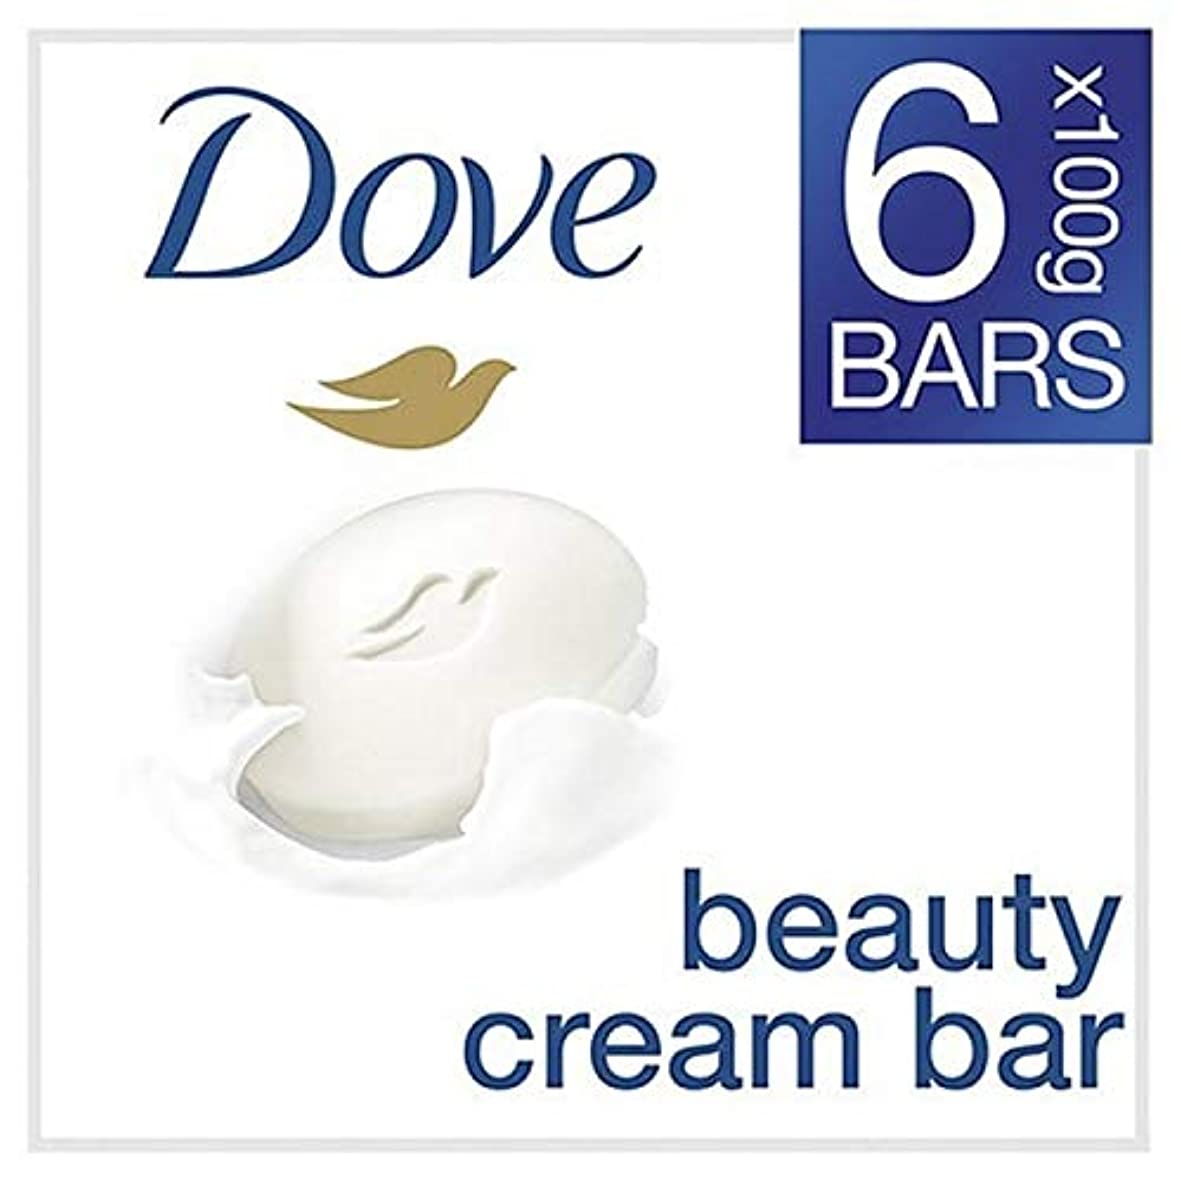 健康個人的に秋[Dove ] 鳩元美容クリームソープバー6のX 100グラム - Dove Original Beauty Cream Soap Bar 6 x 100g [並行輸入品]